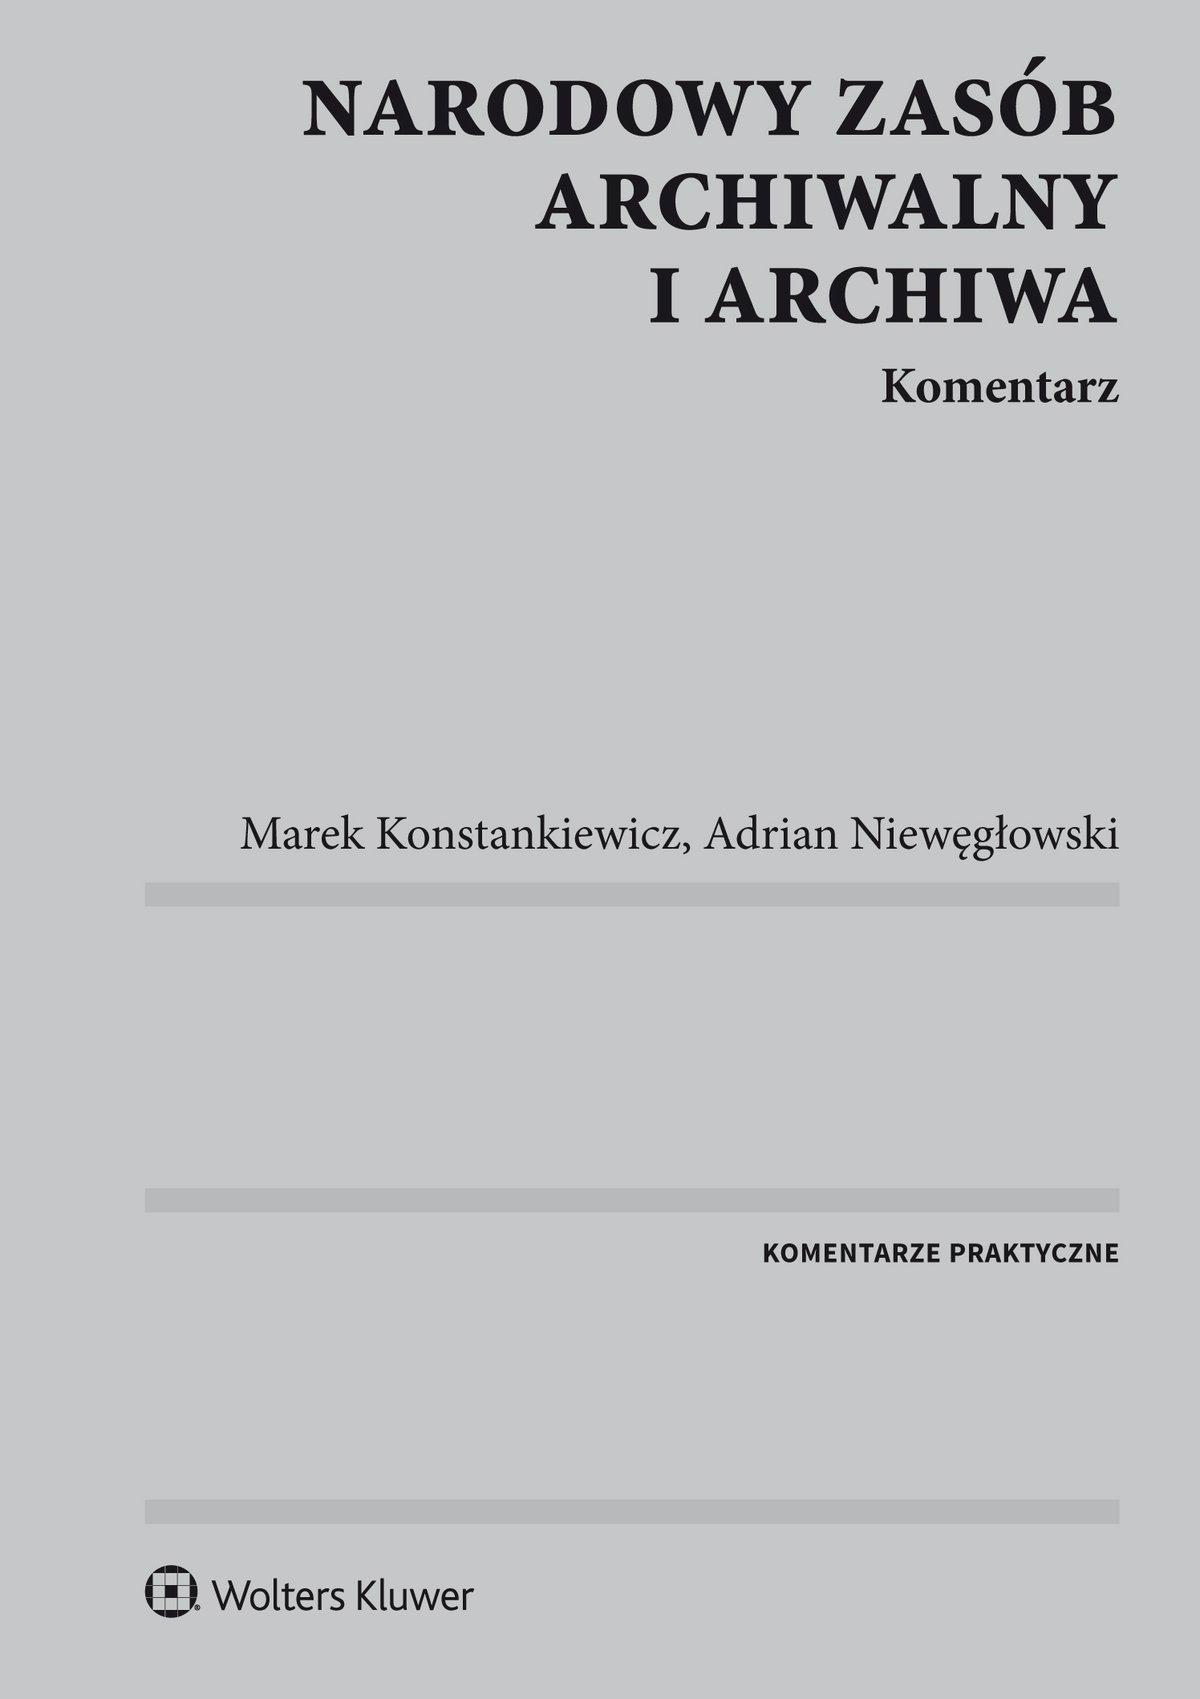 Narodowy zasób archiwalny i archiwa. Komentarz - Ebook (Książka PDF) do pobrania w formacie PDF